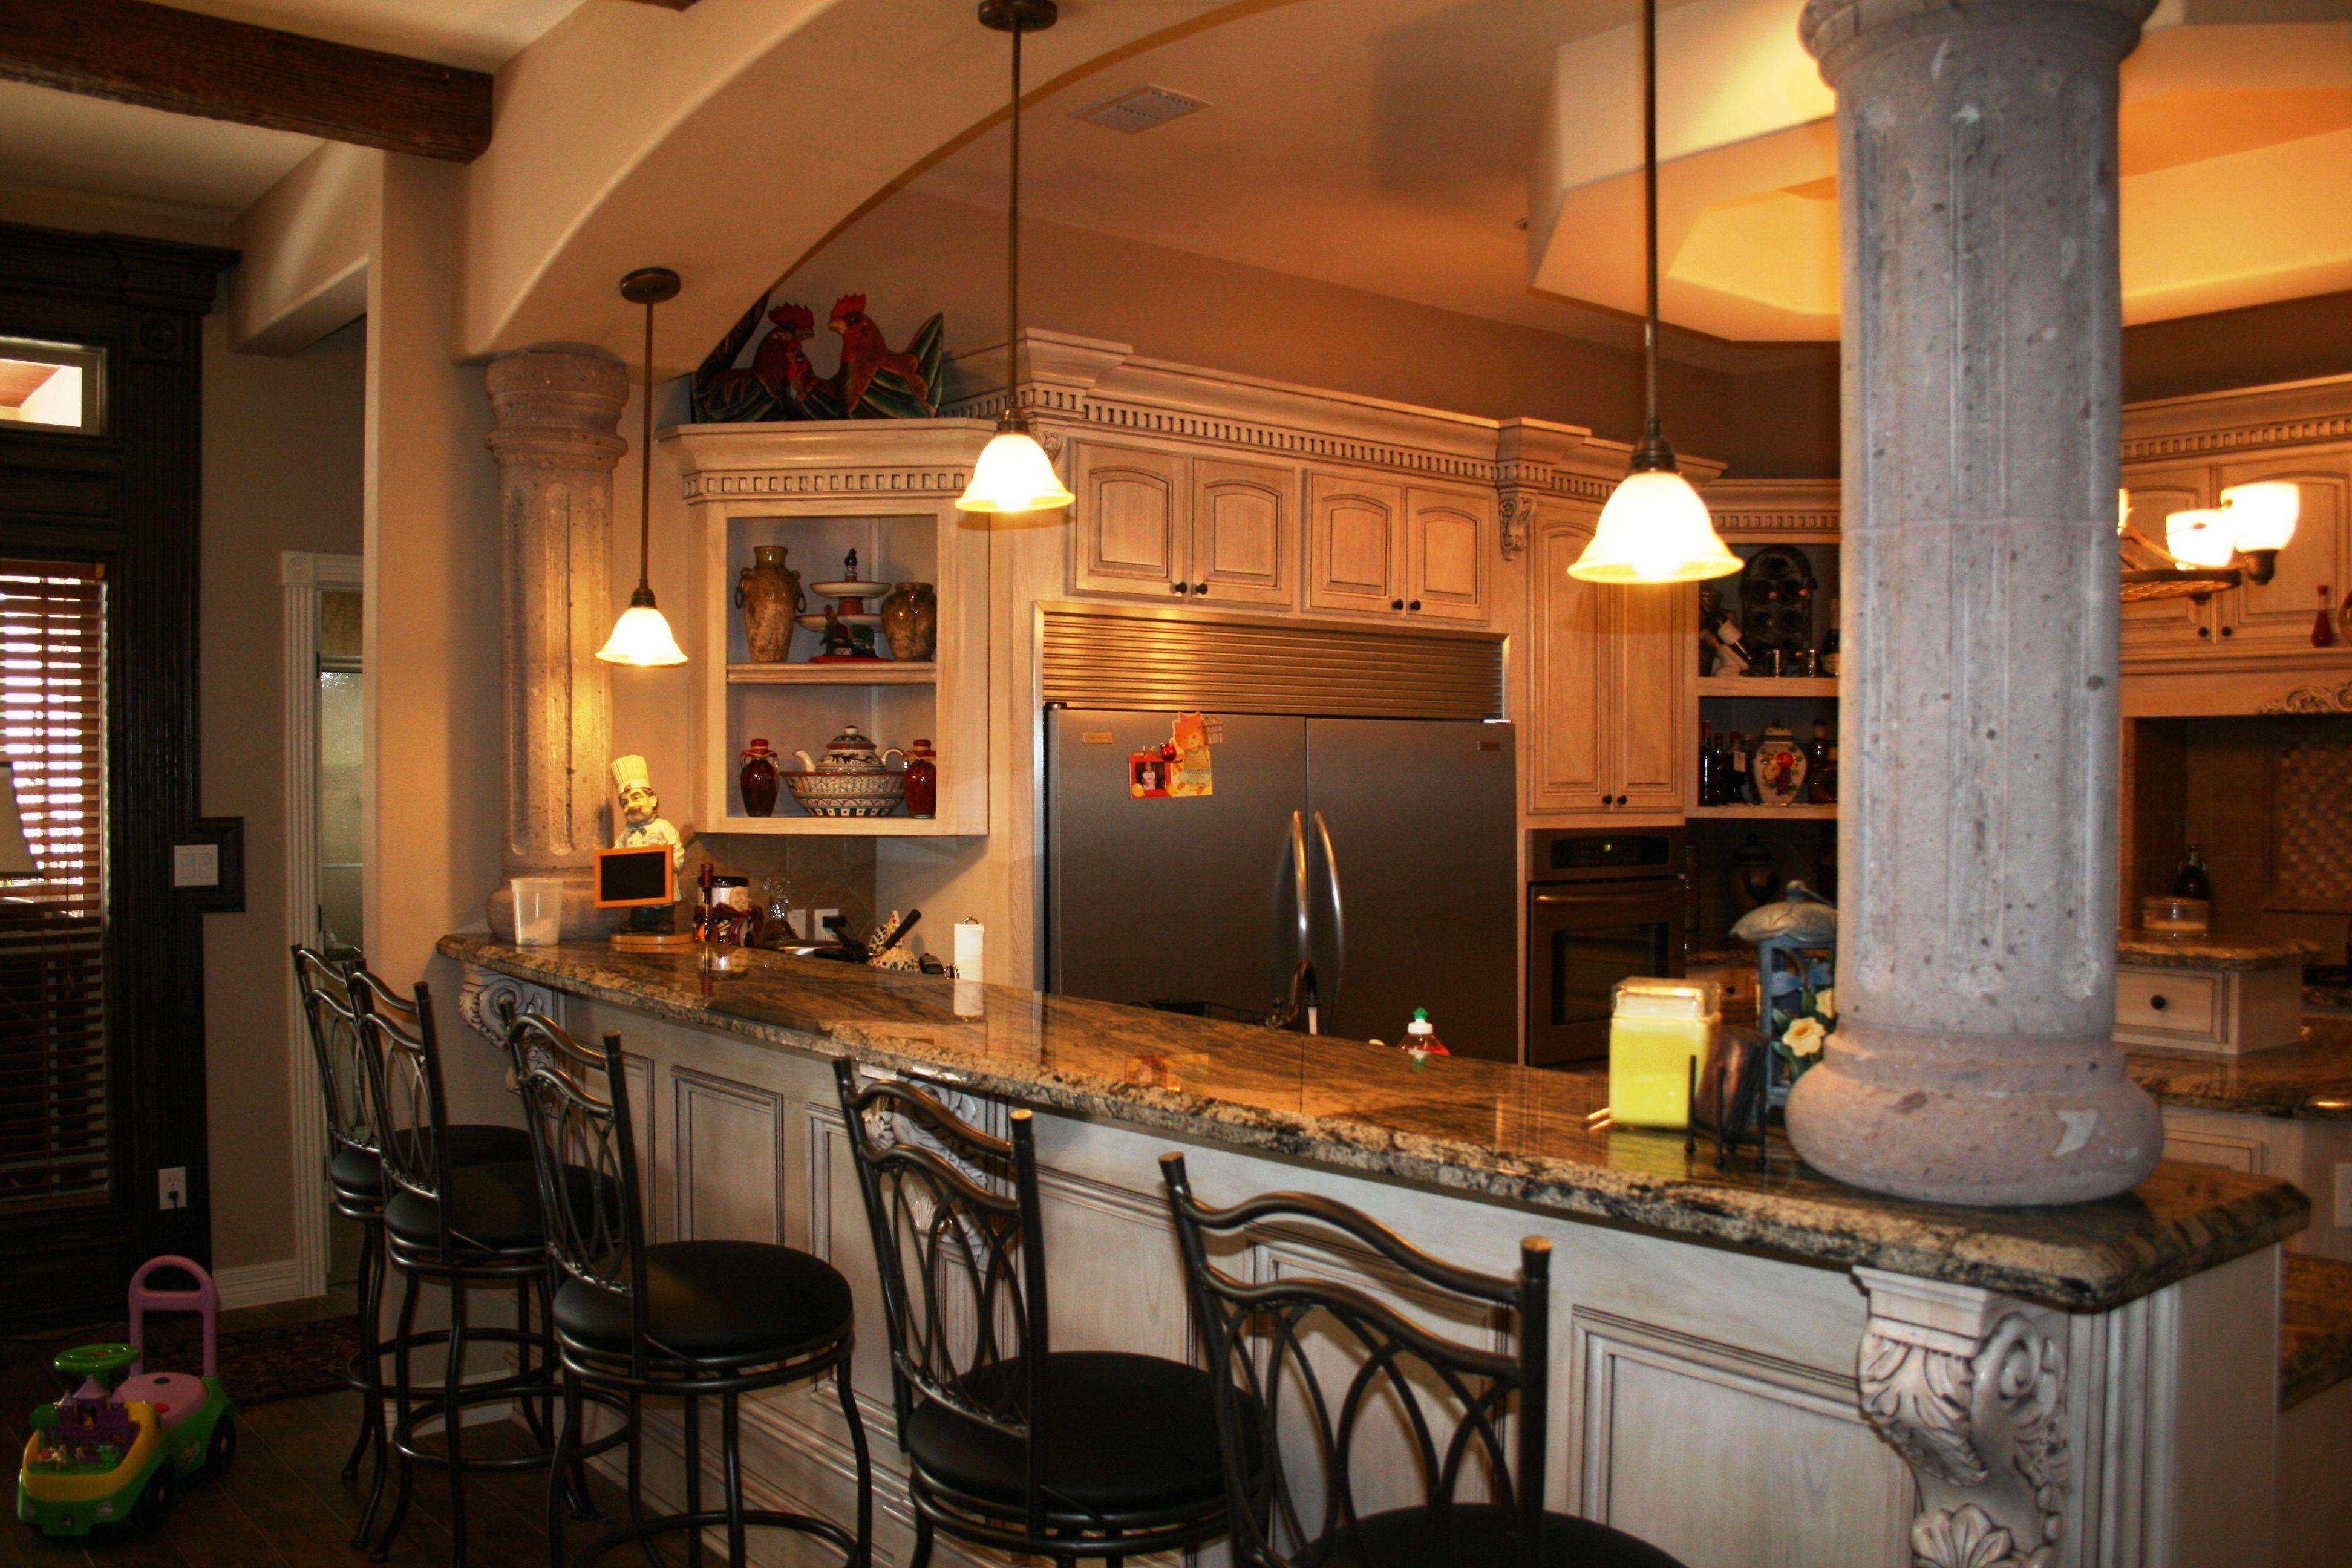 Future Kitchen Design Ideas ~ Kitchen bar designs hernandez residence ideas